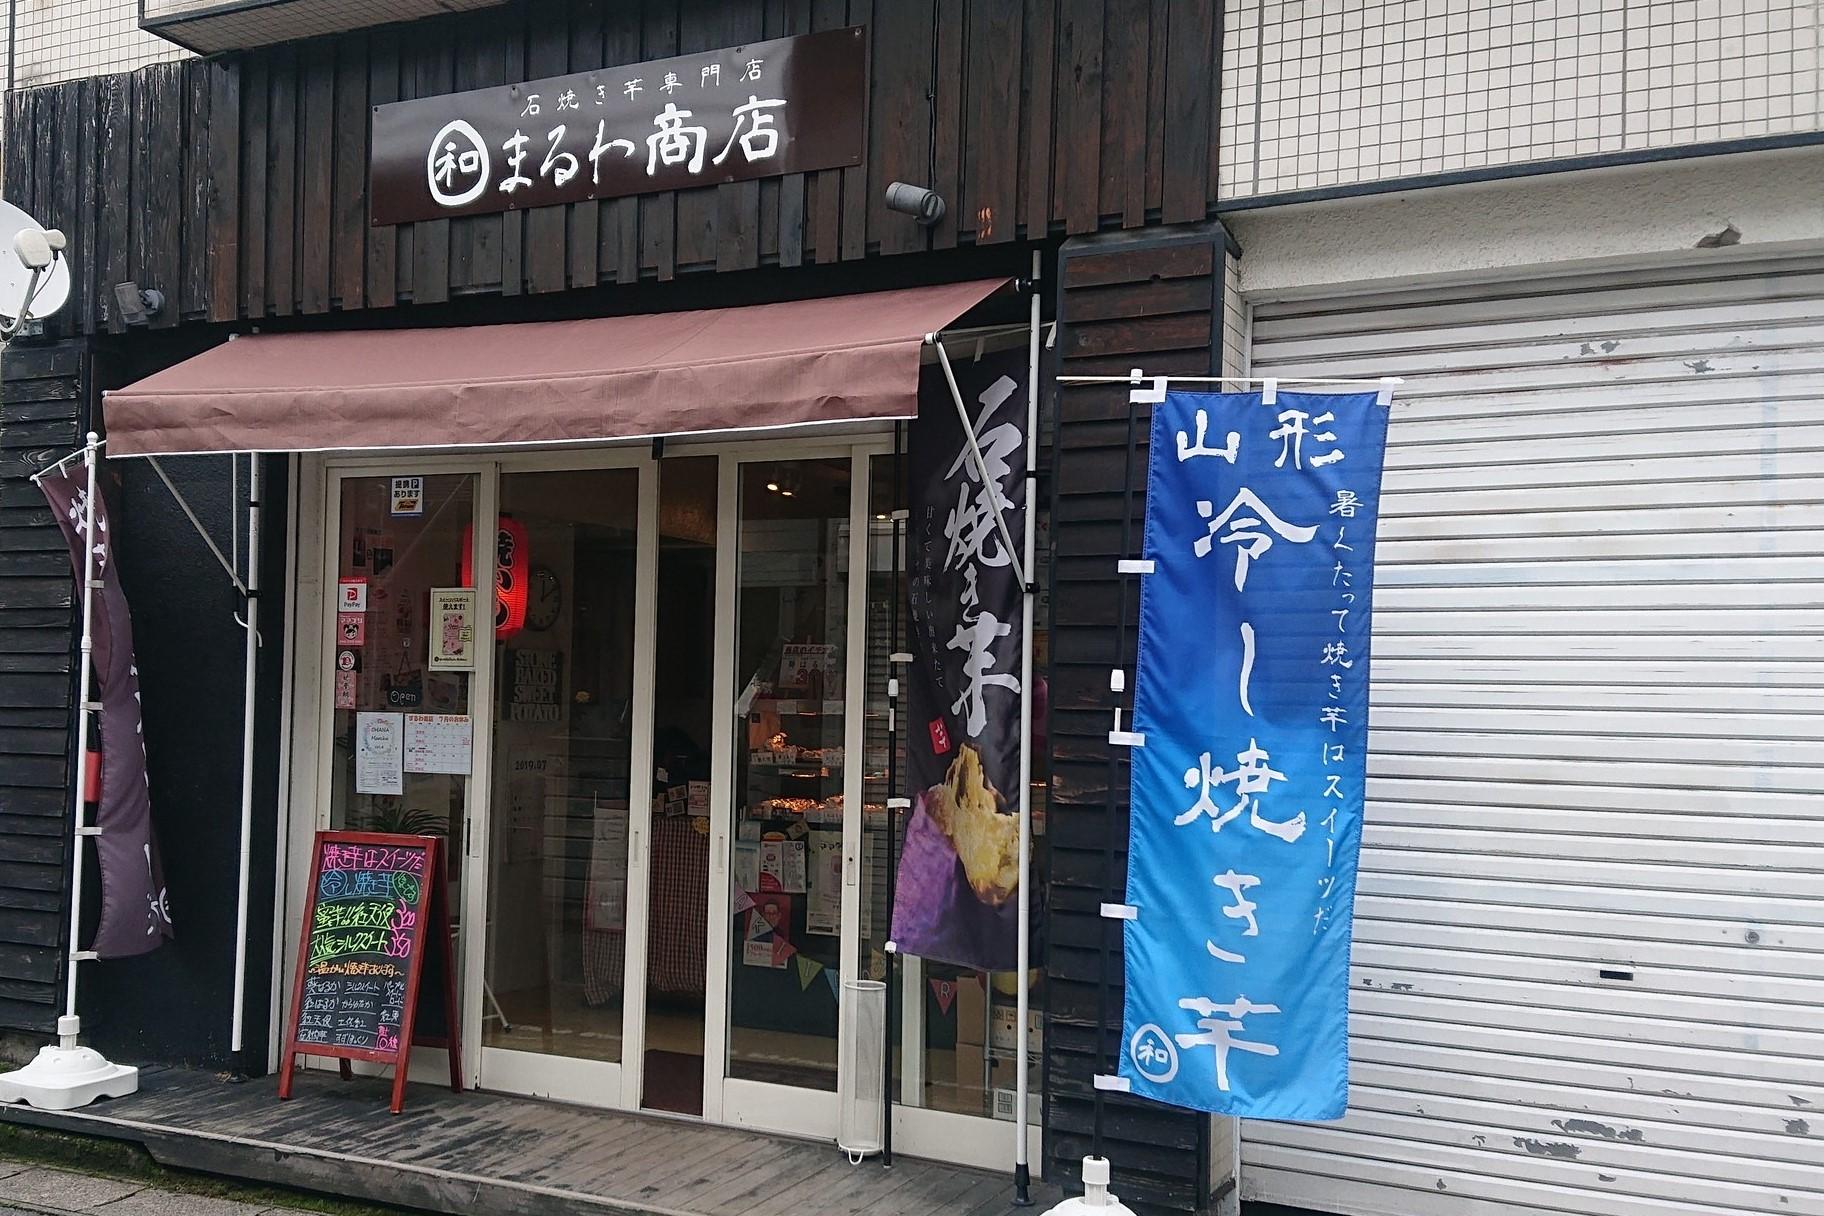 石焼き芋専門店 まるわ商店の外観